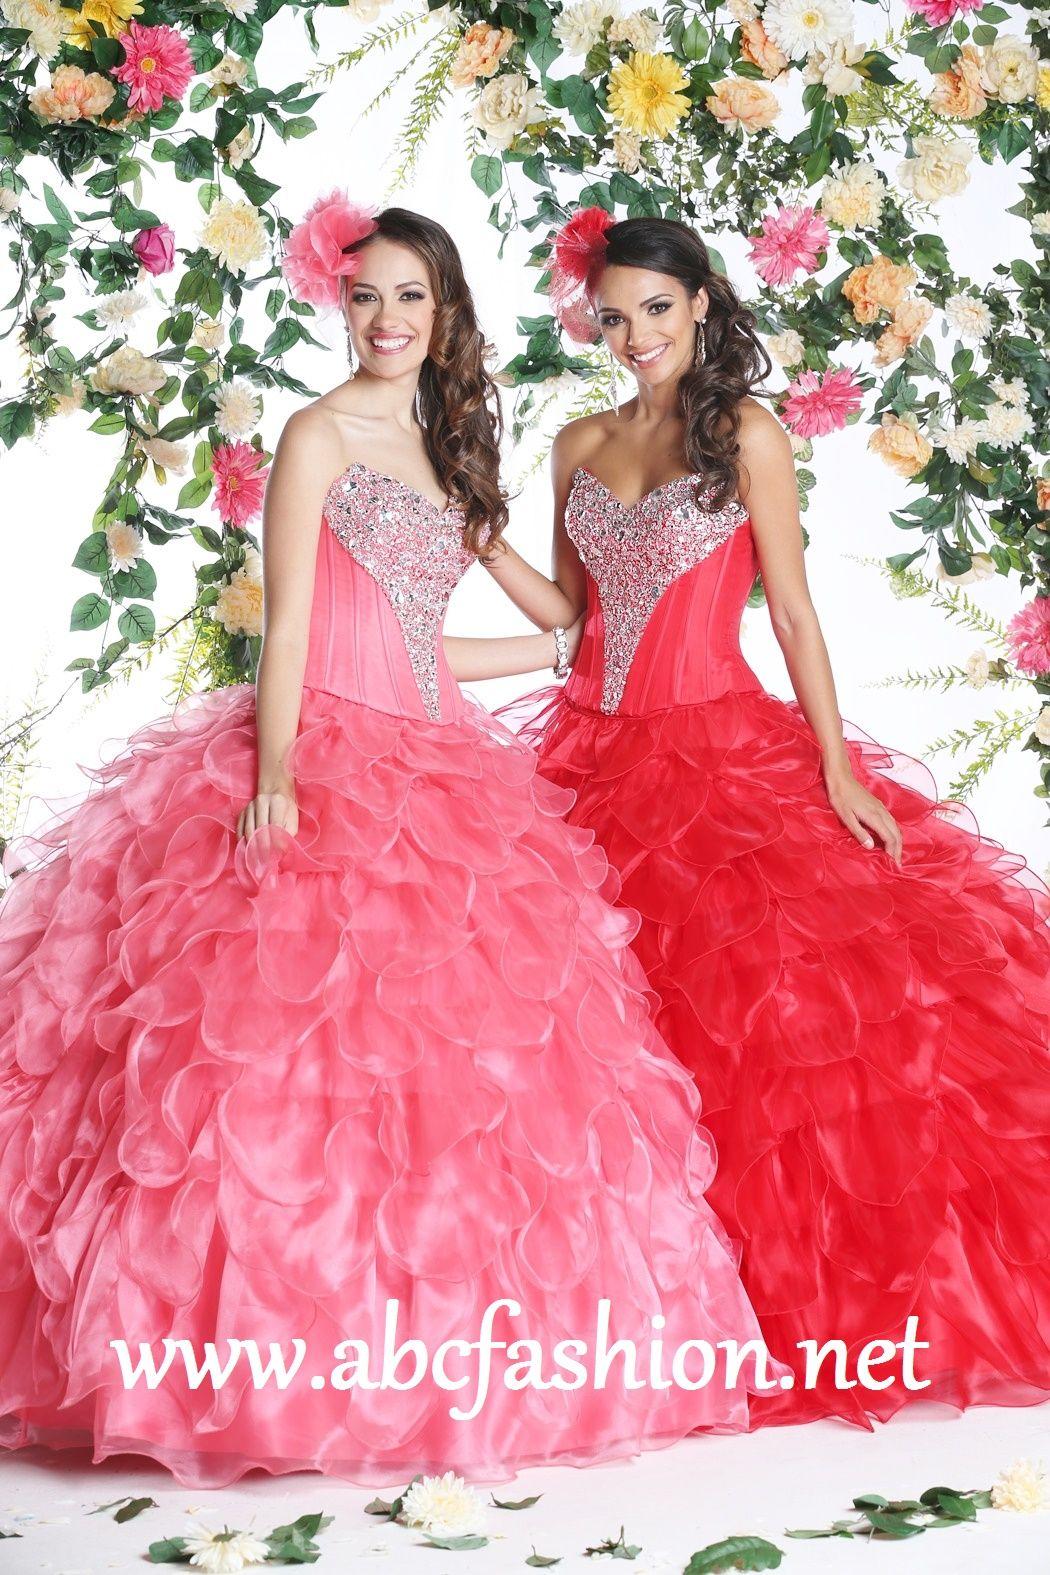 Da Vinci Quinceanera Dresses Style 80257 Colors: Red, Melon http ...